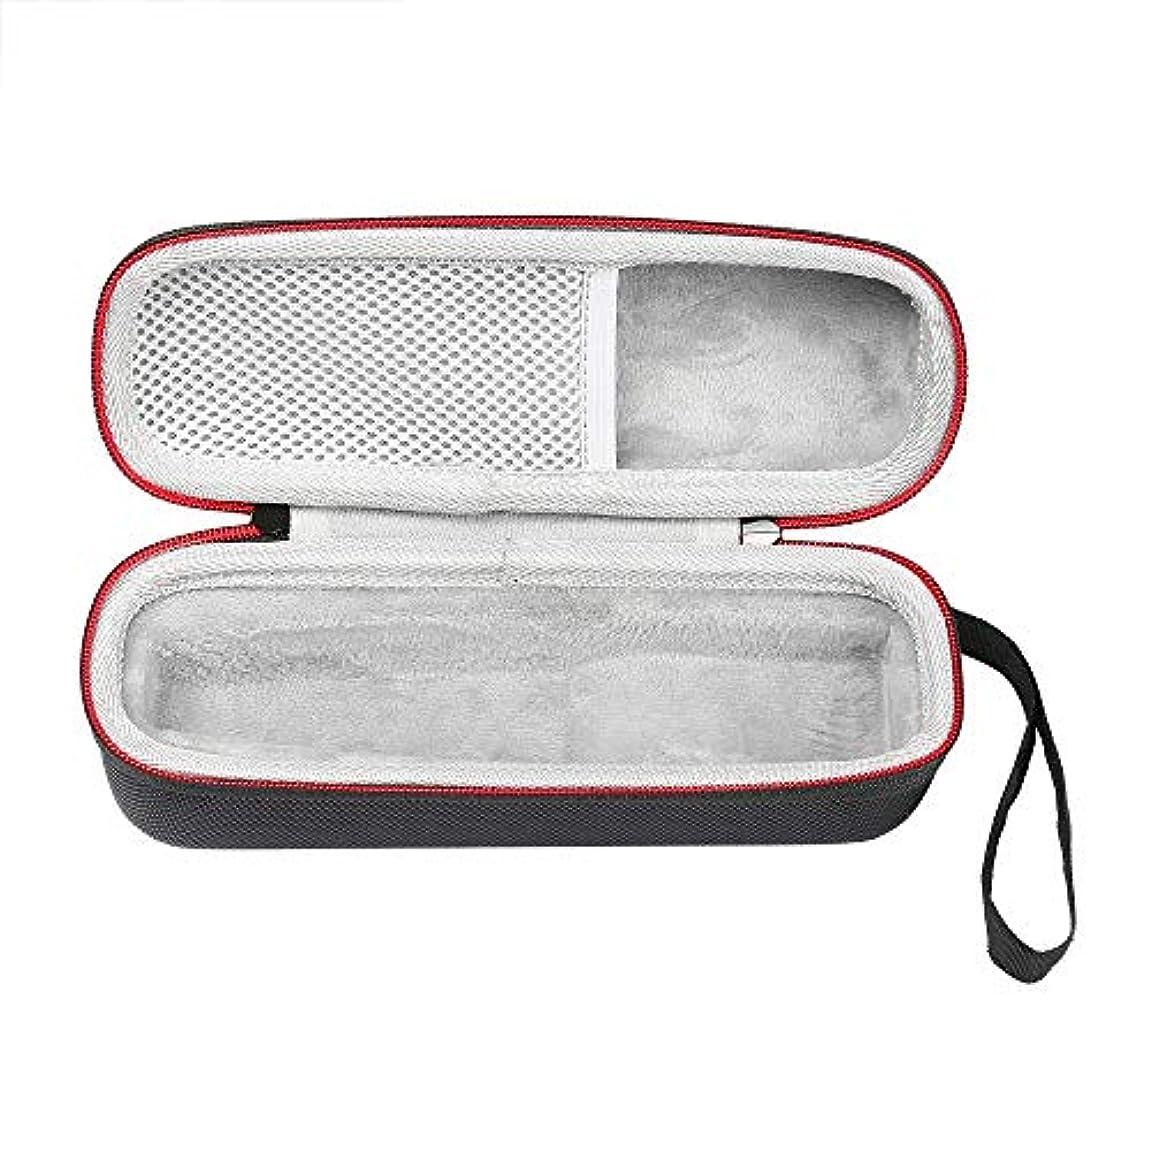 八百屋さんユニークなむしゃむしゃフィリップスPhilips 5000 7000 9000シリーズ メンズ 電気シェーバーハードケースバッグ 専用旅行収納 対応